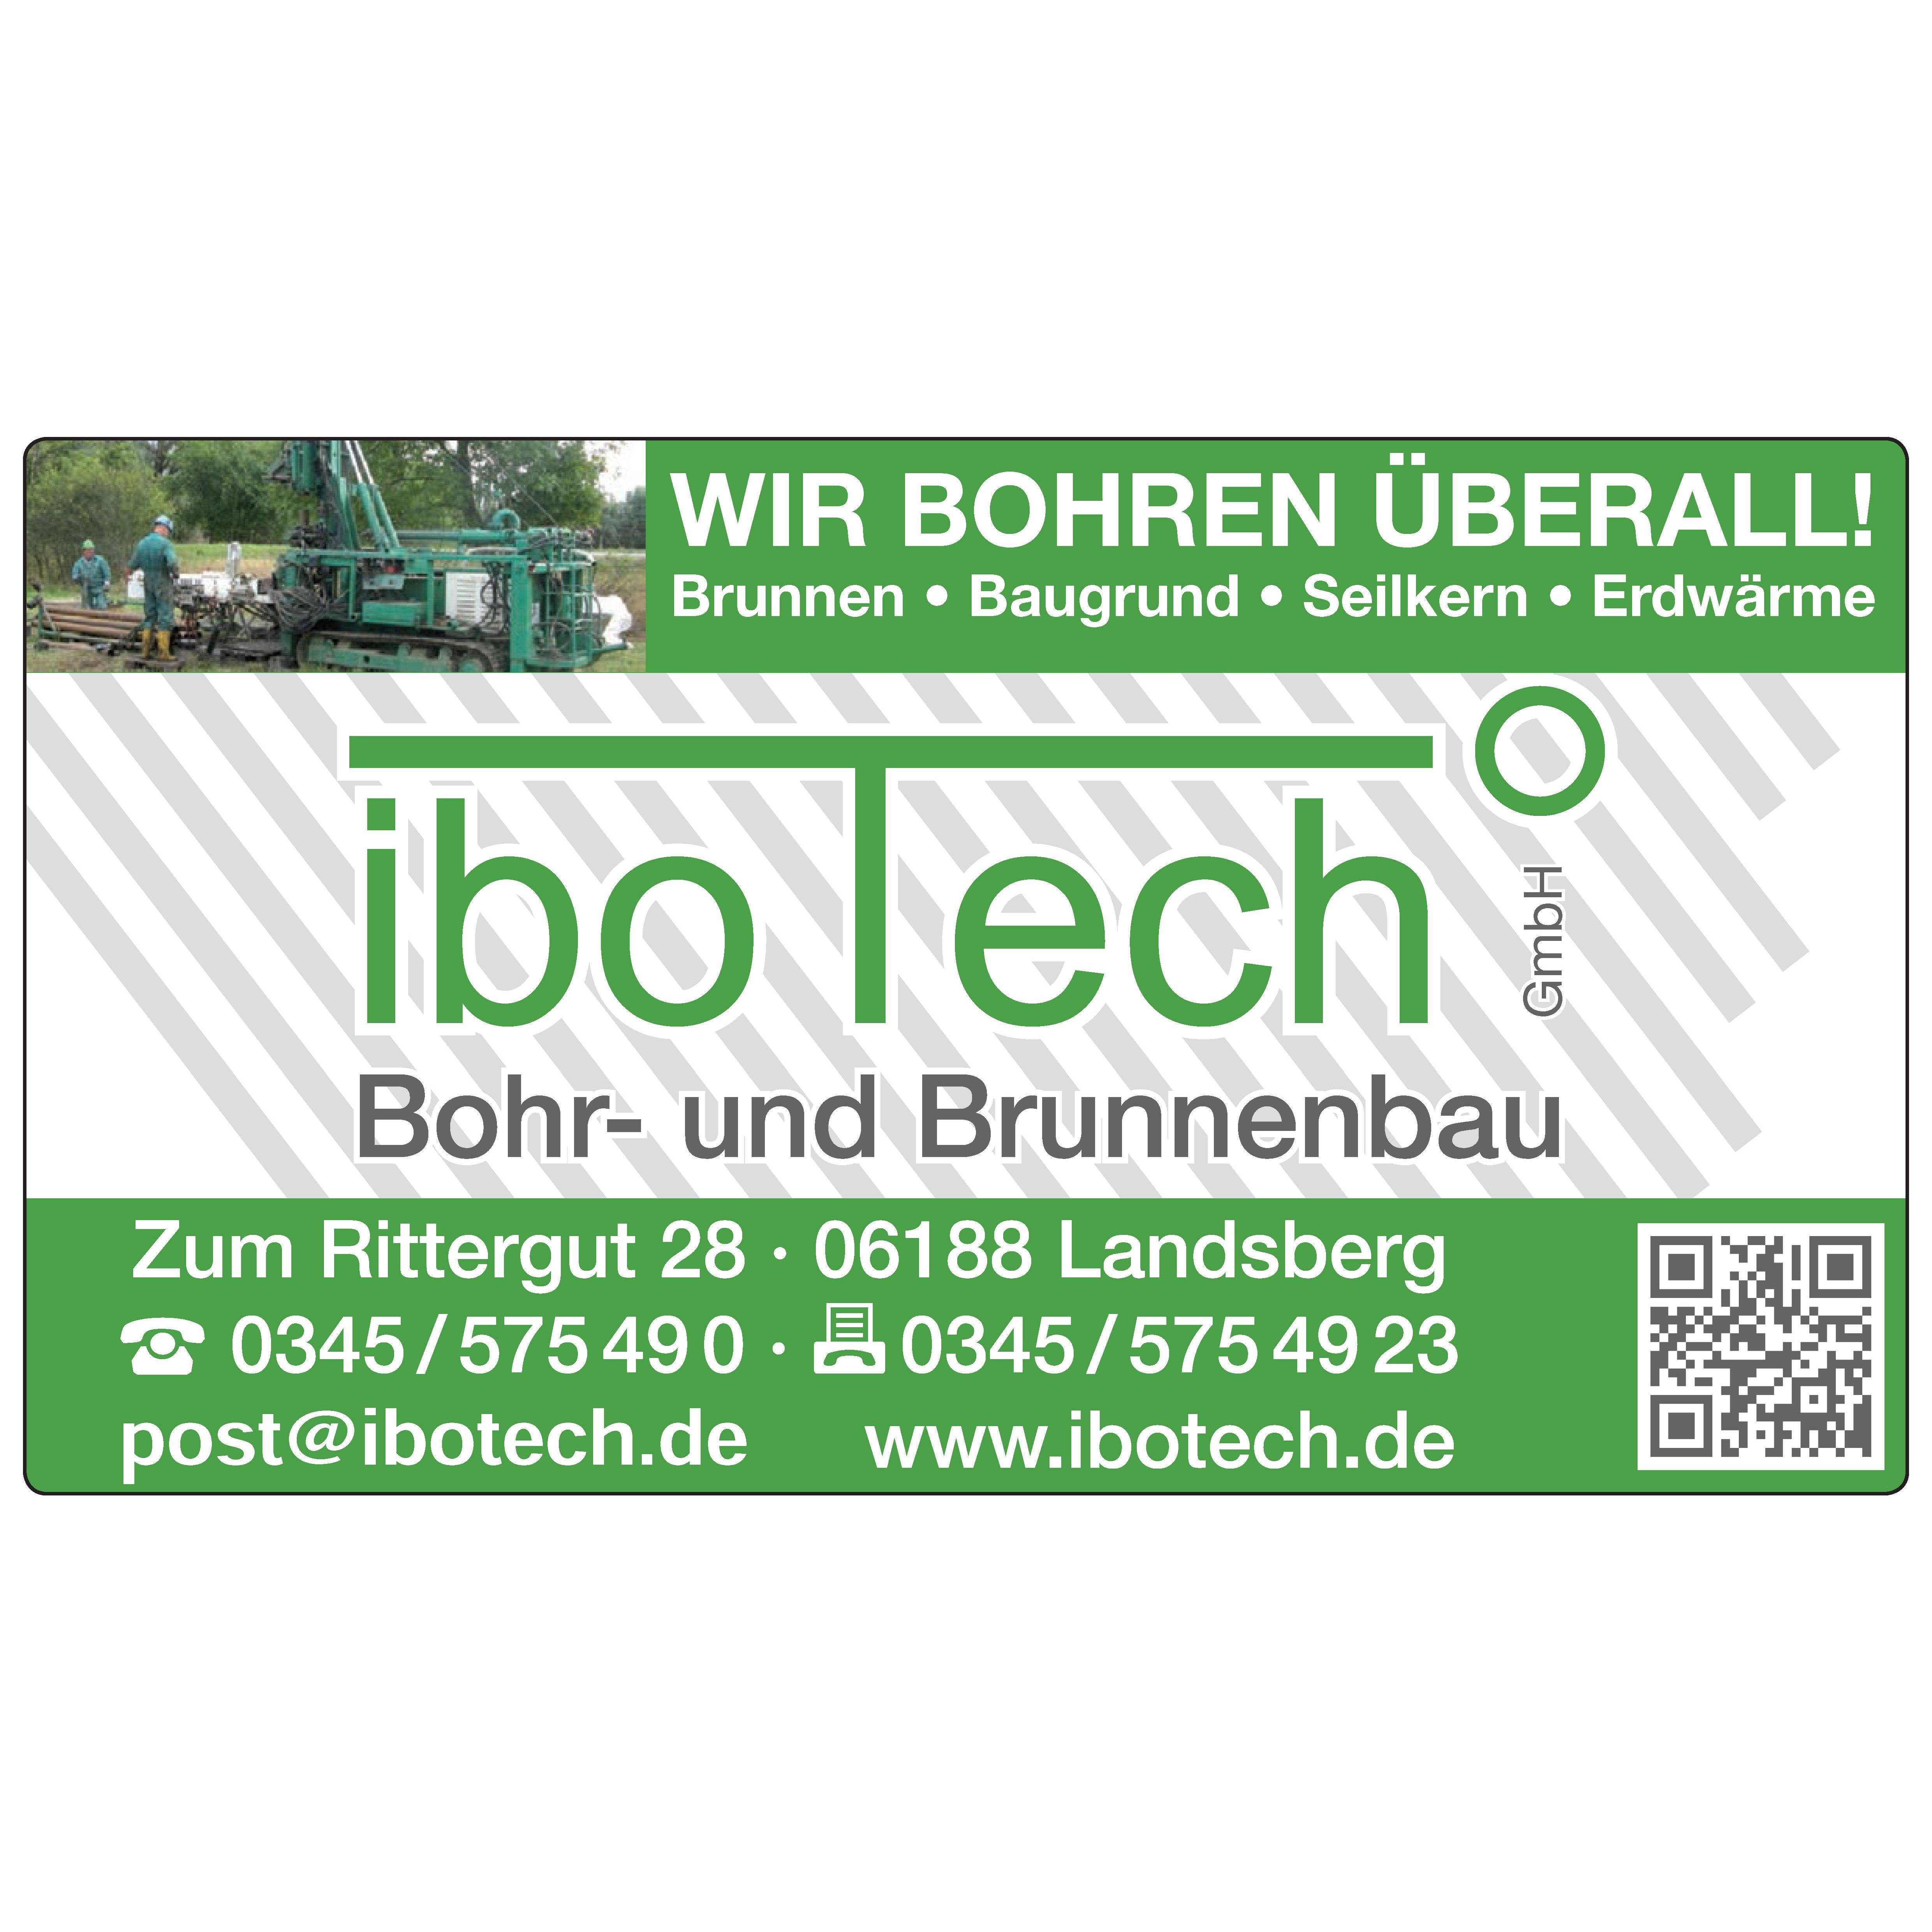 IBOTECH Bohr- und Brunnenbau GmbH